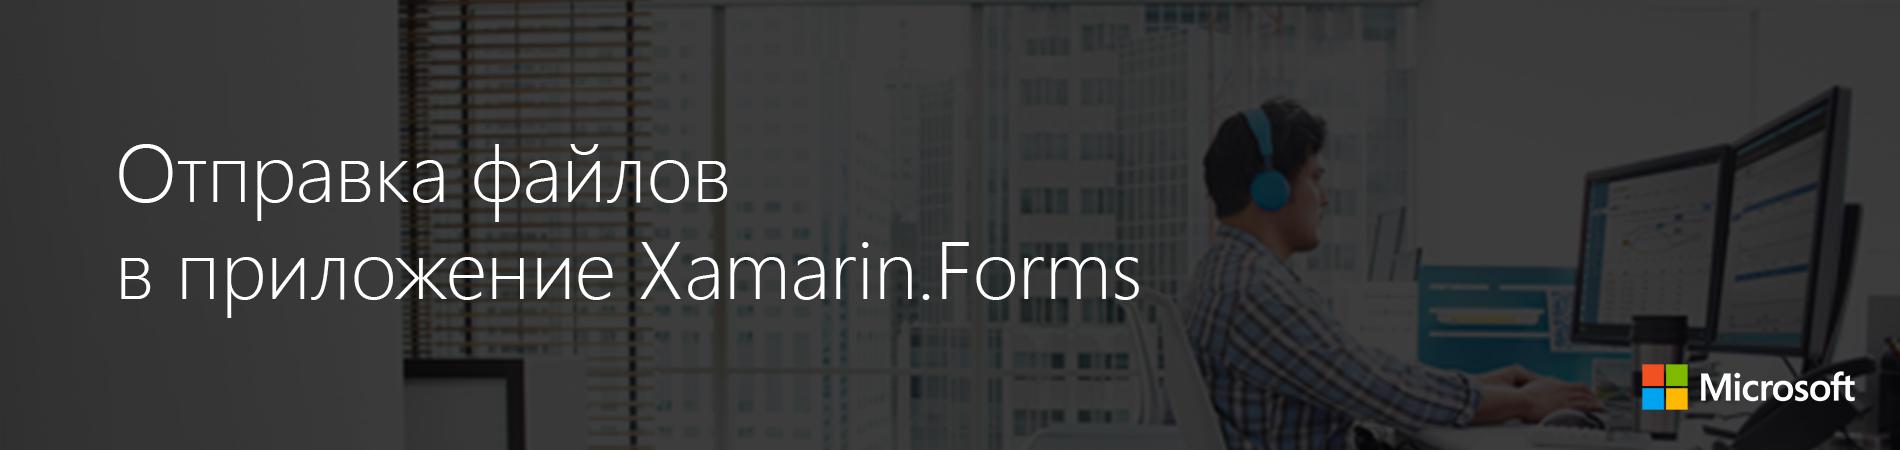 Отправка файлов в приложение Xamarin.Forms. Часть 1